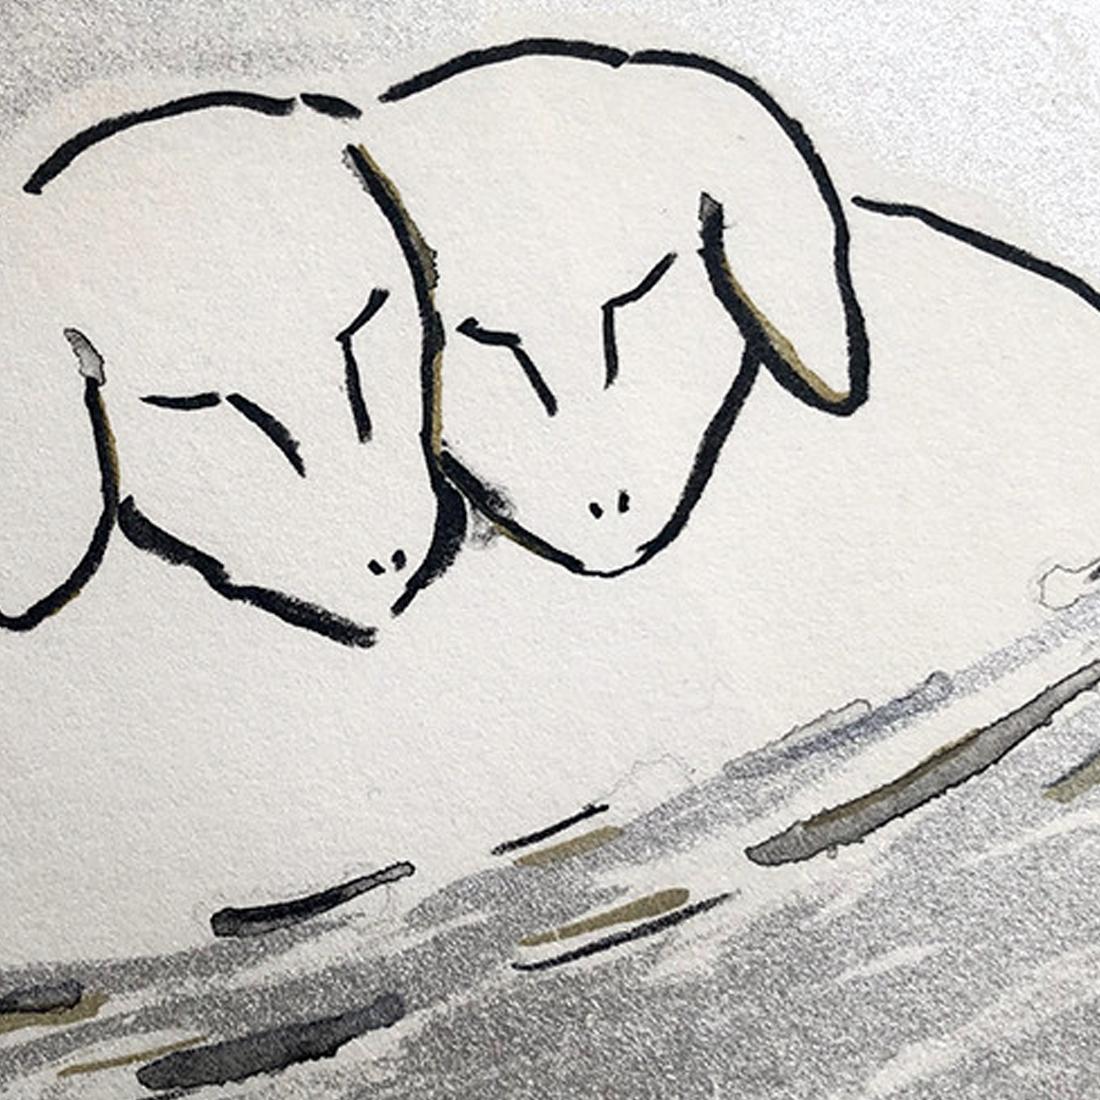 作品「Sheep in water」